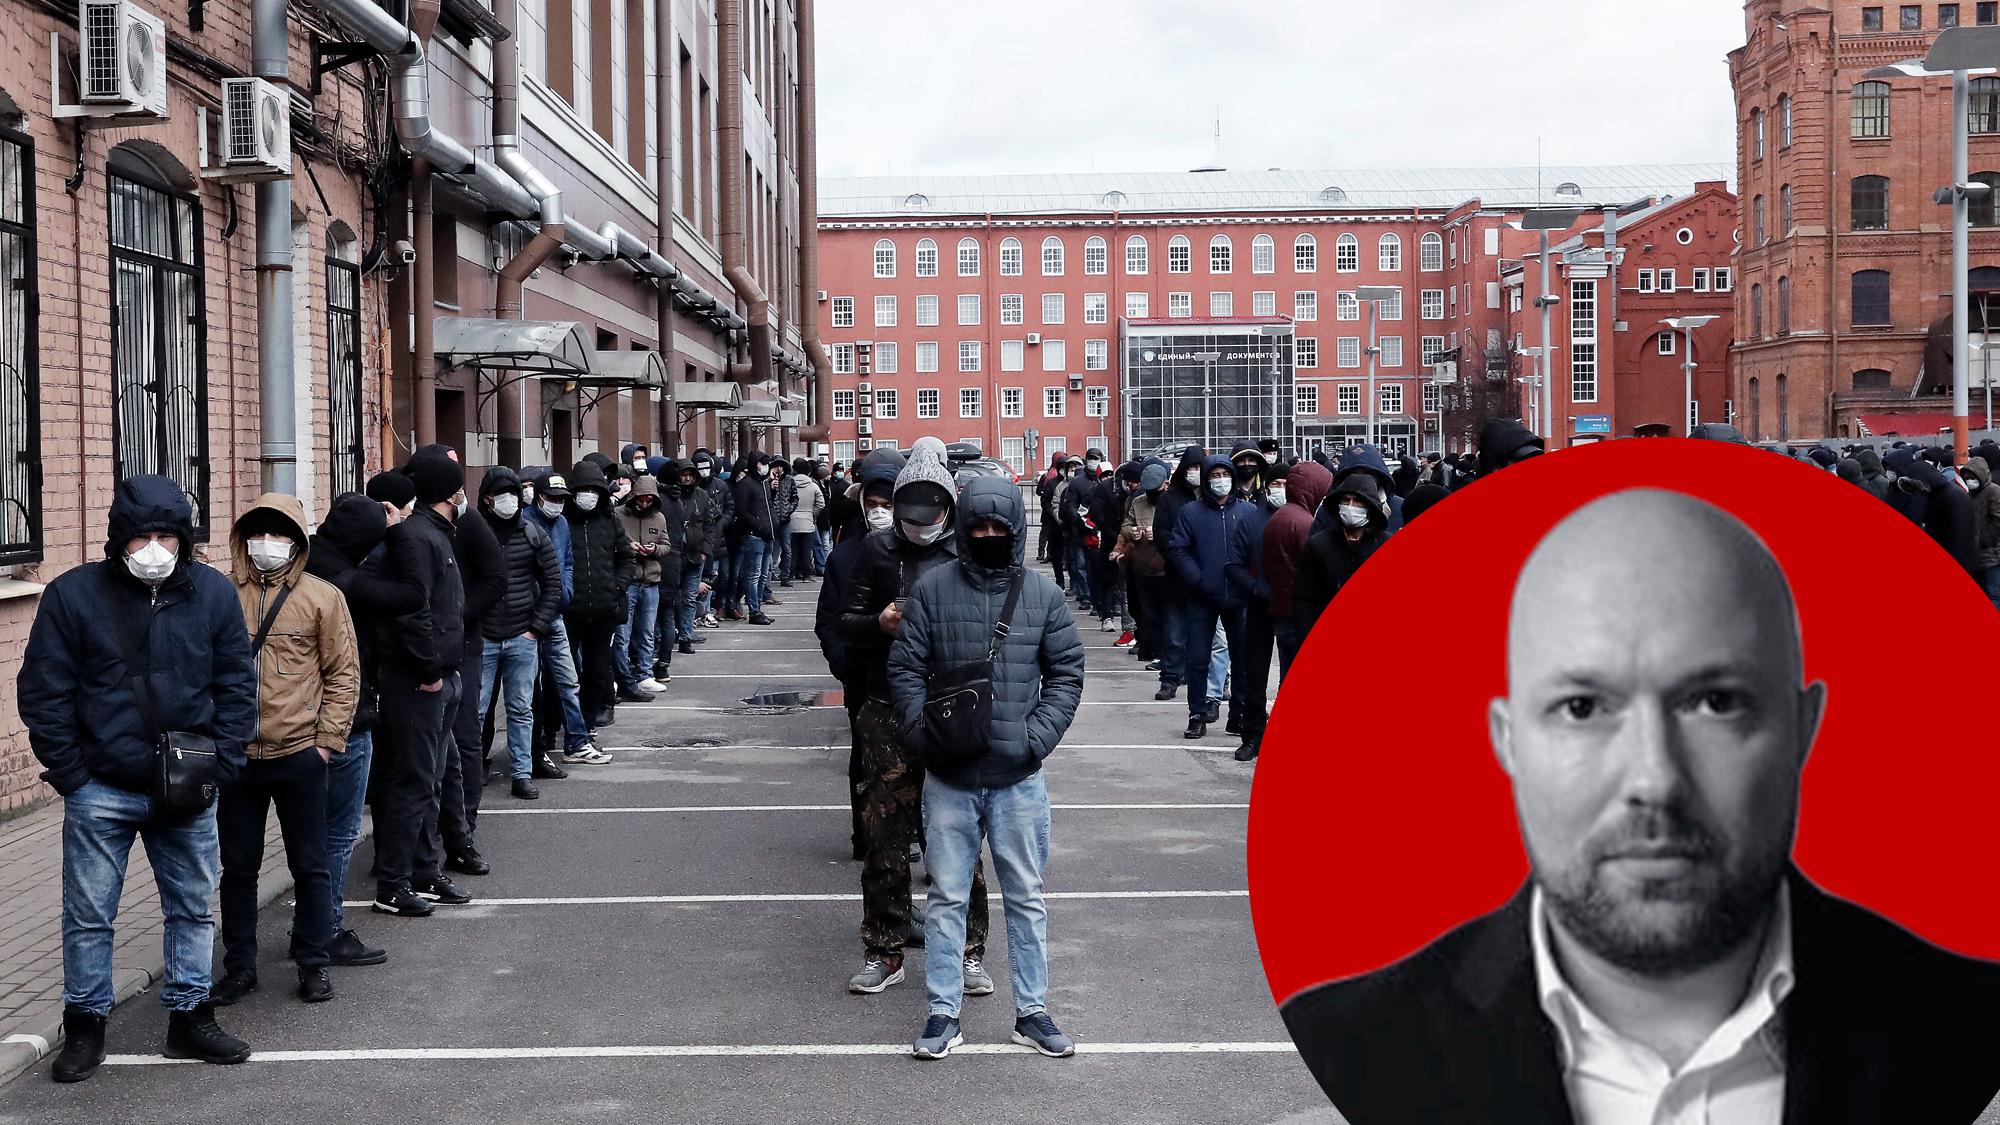 Российская феминистка объявила сбор денег для мигрантов после расправы над семьёй под Нижним Новгородом